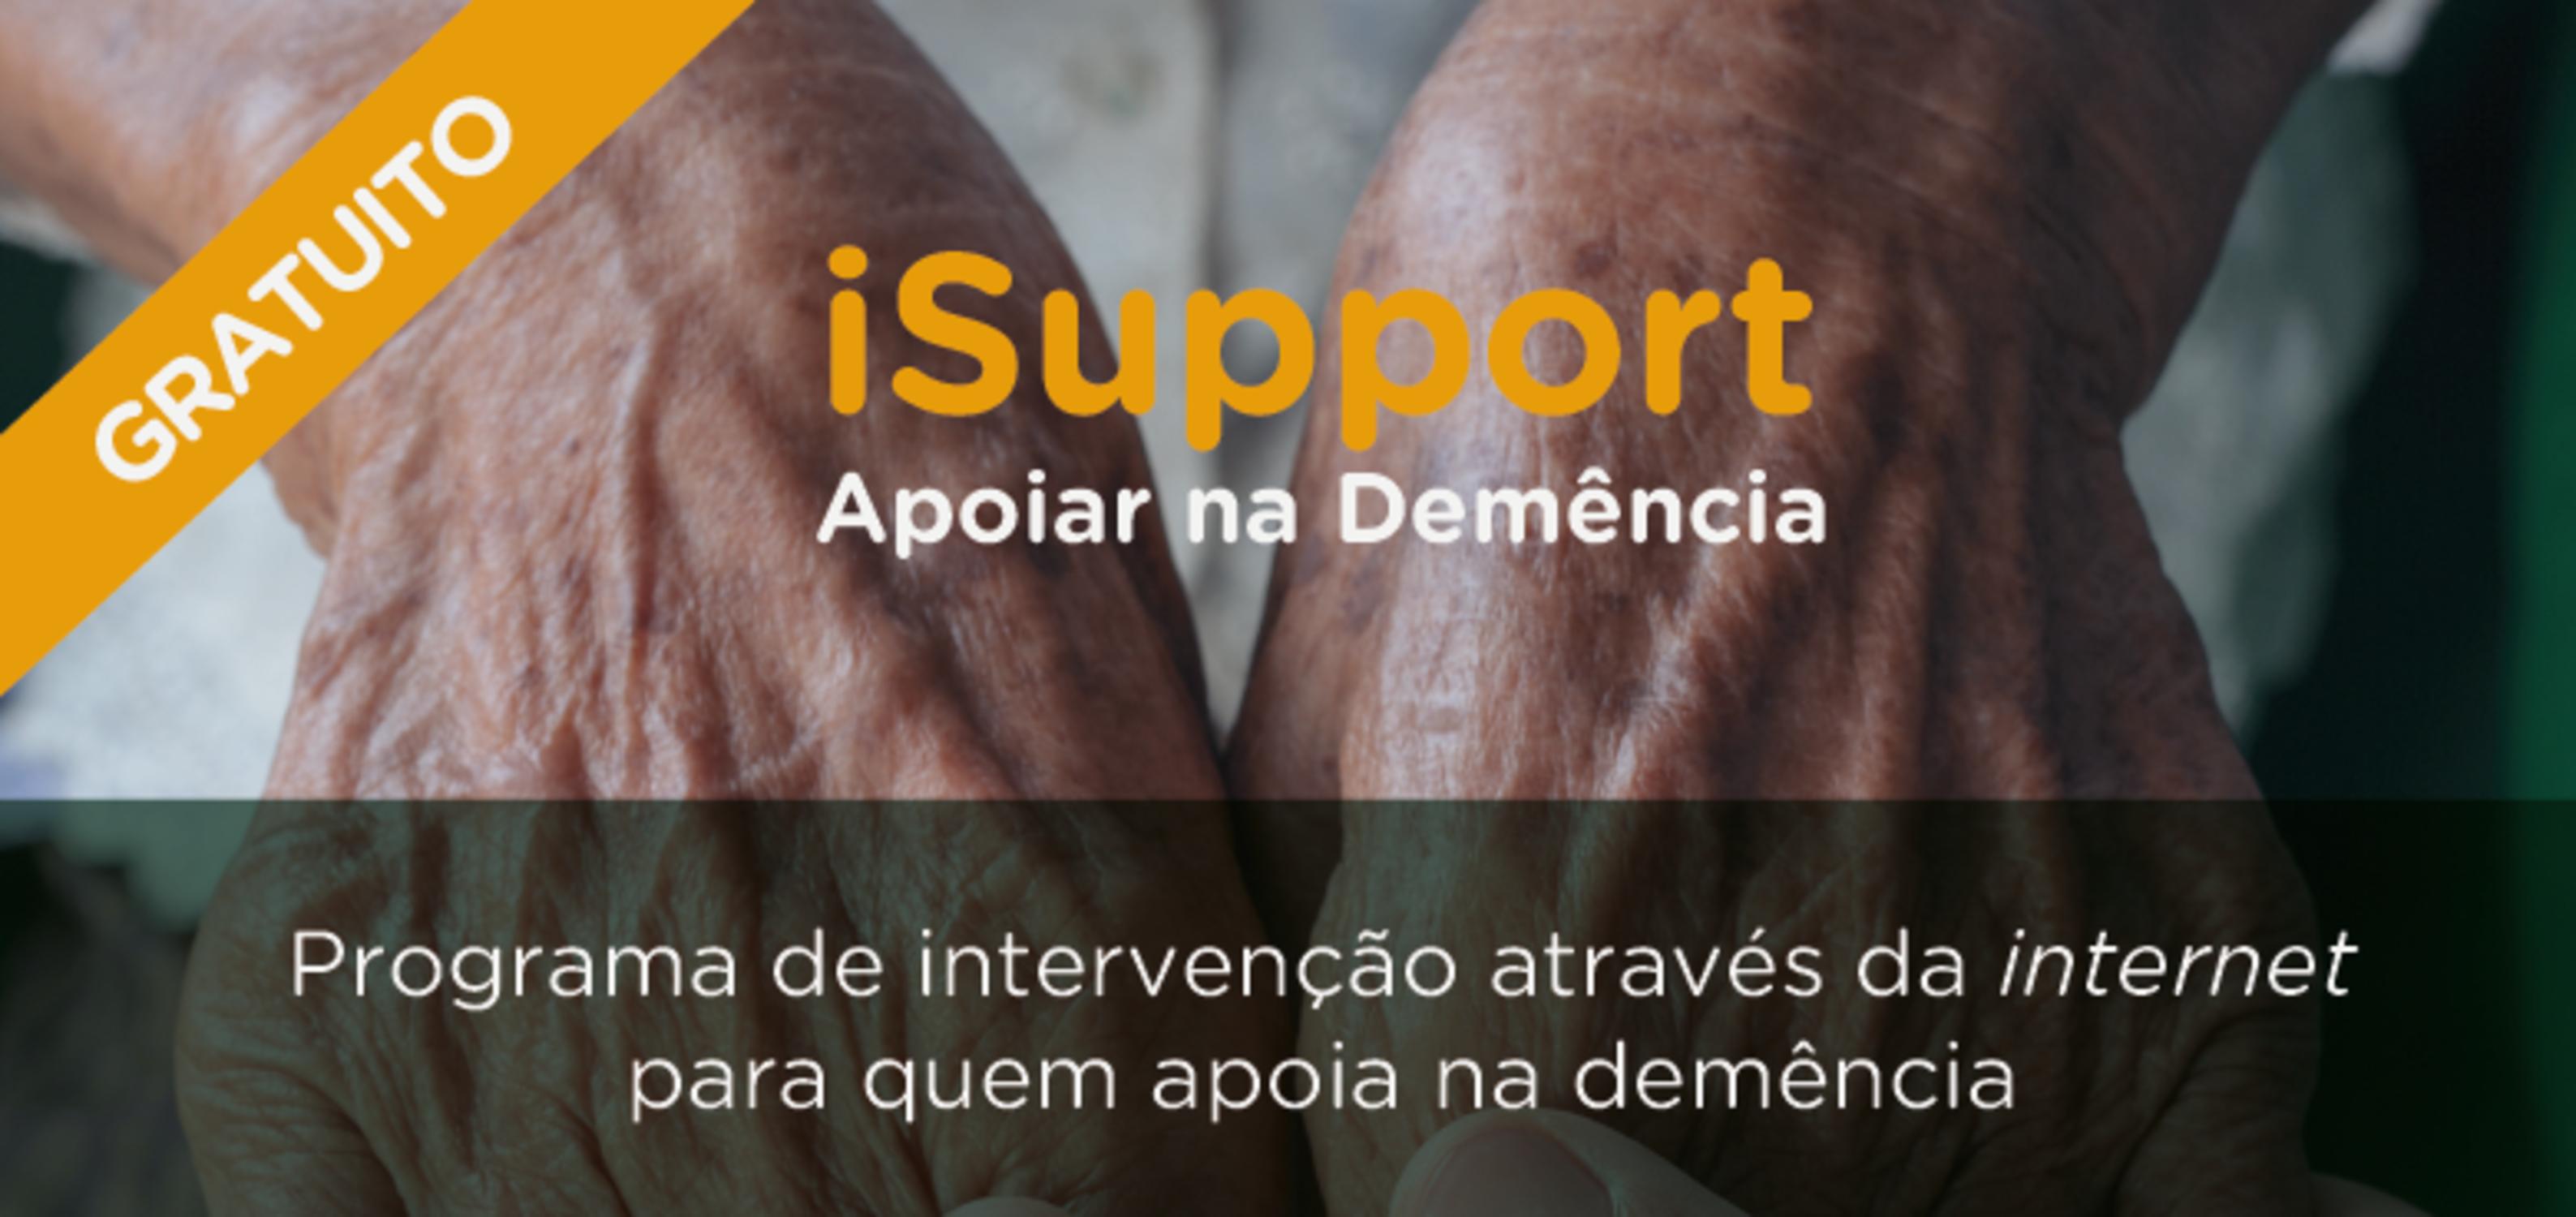 iSupport Program Banner